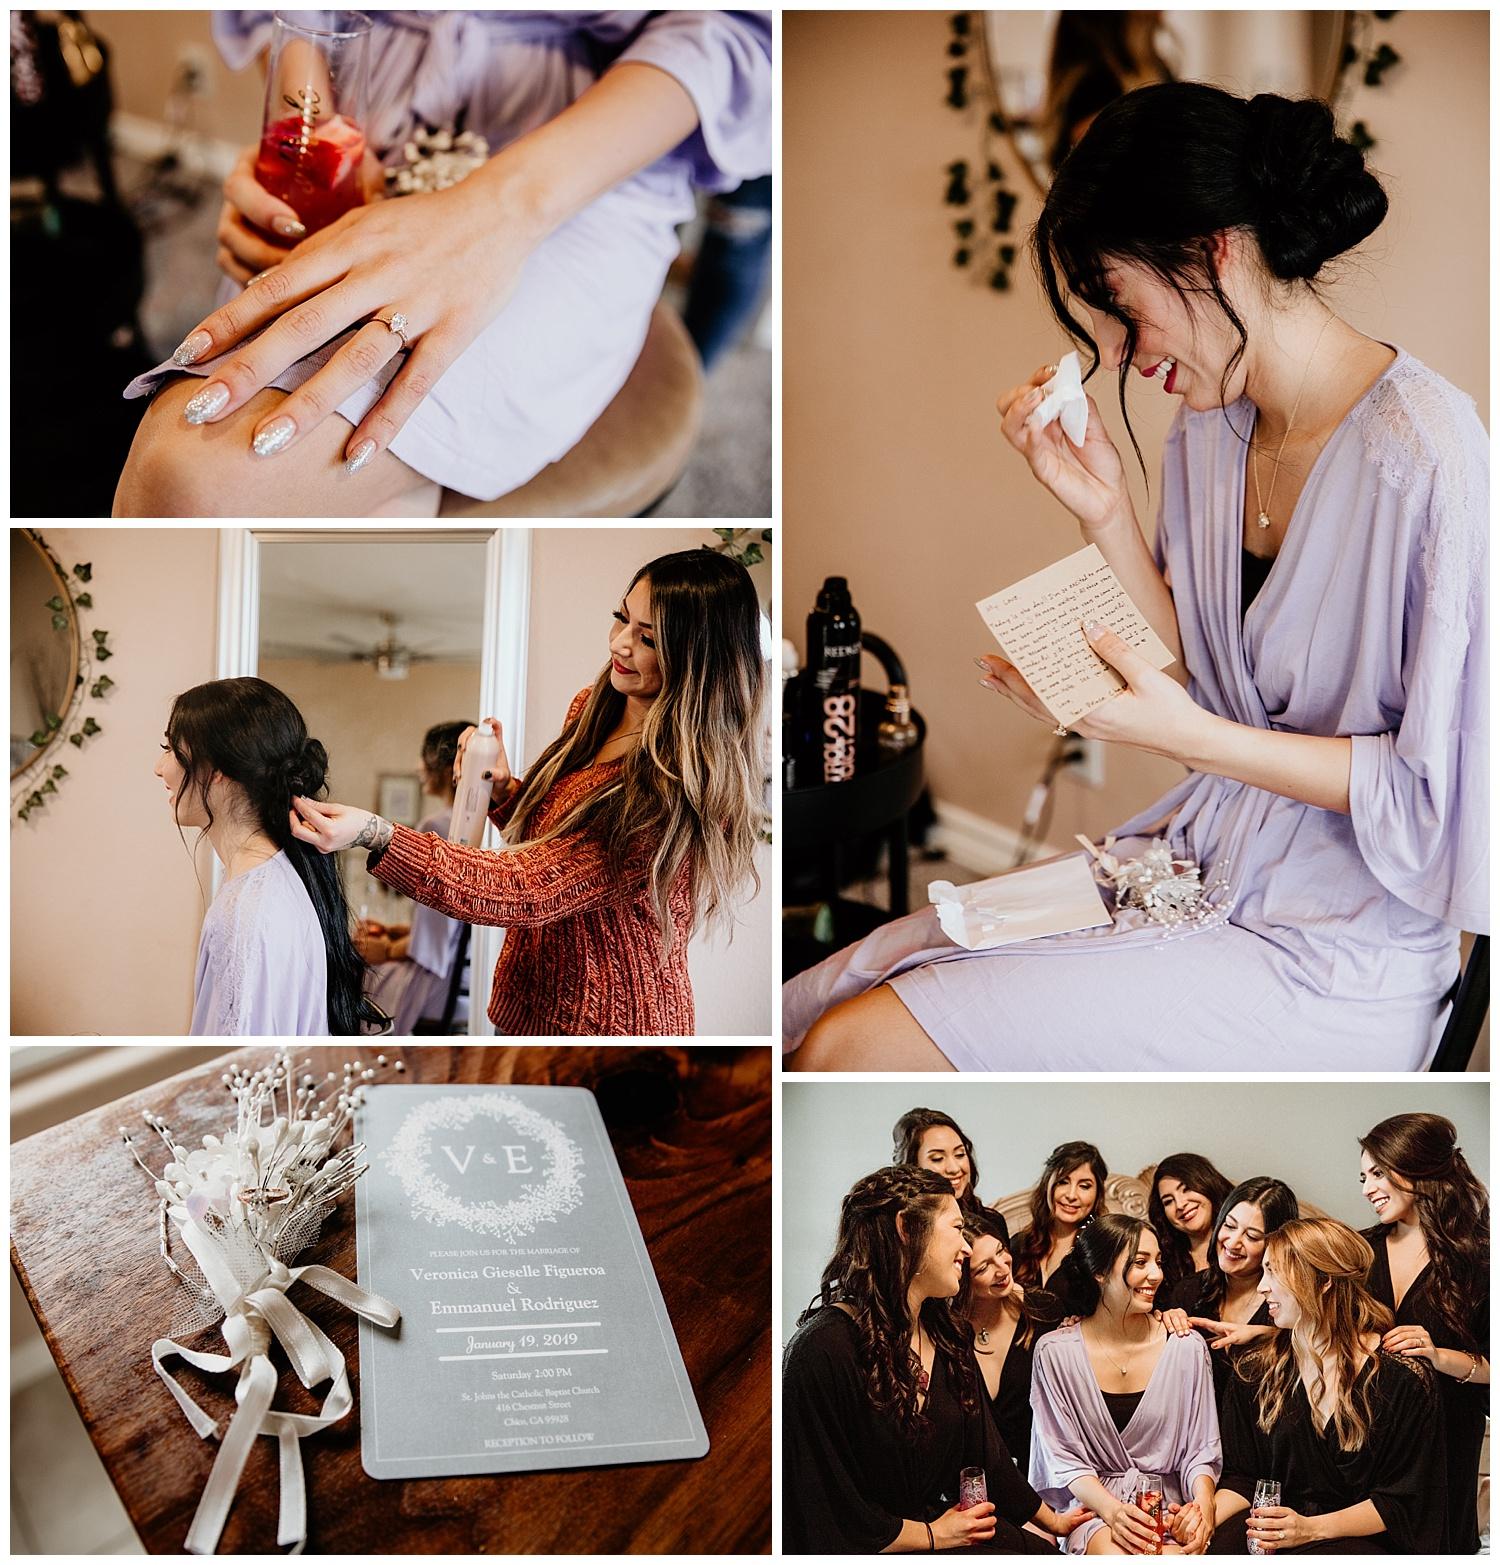 the-530-bride_chico-winter-wedding_gretchen-granka